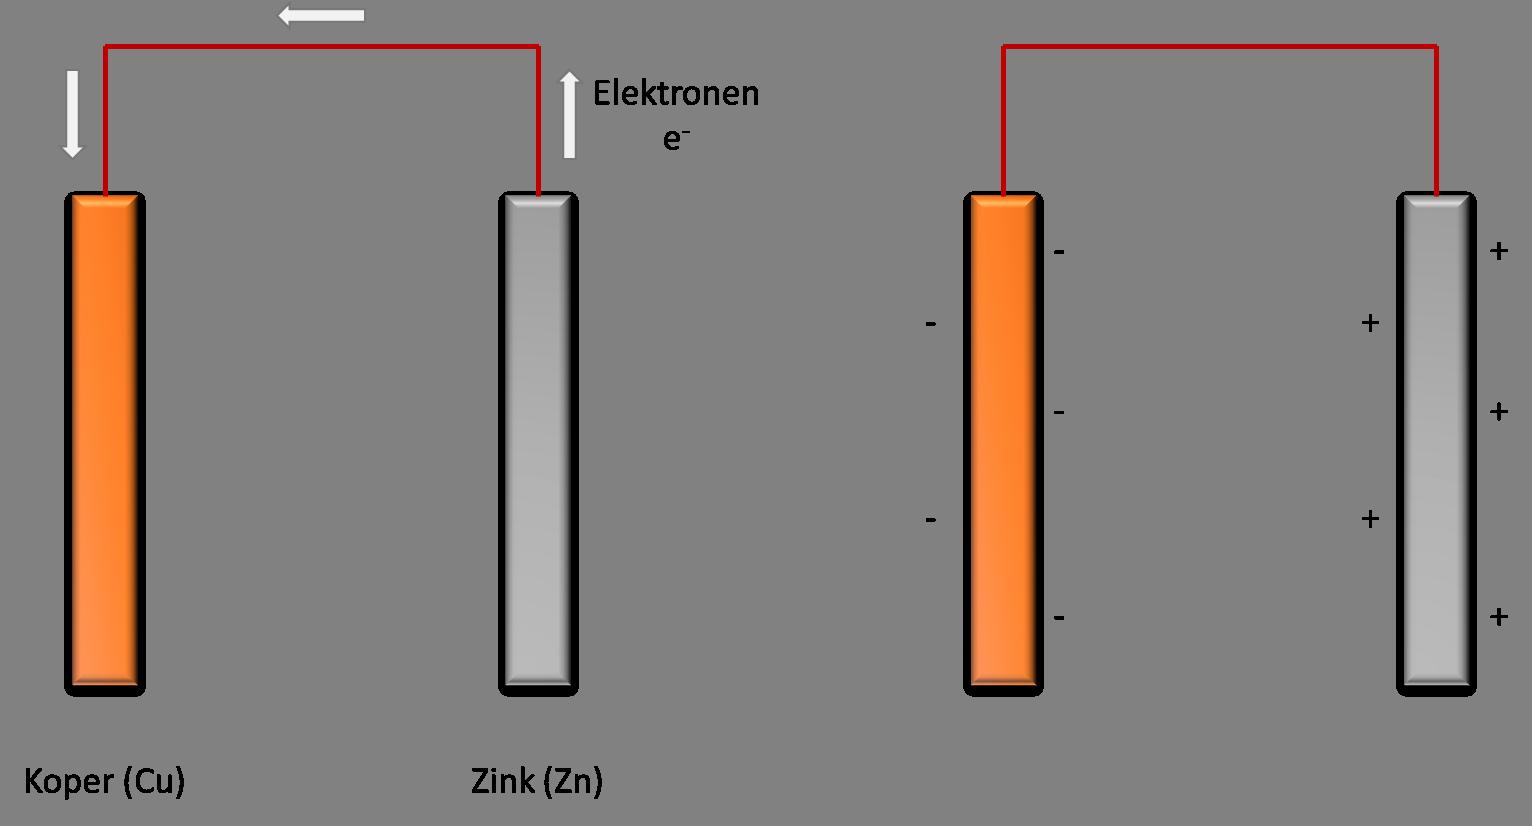 Verbind koper aan zink en de koperatomen zullen gaan trekken aan de elektronen van het zink